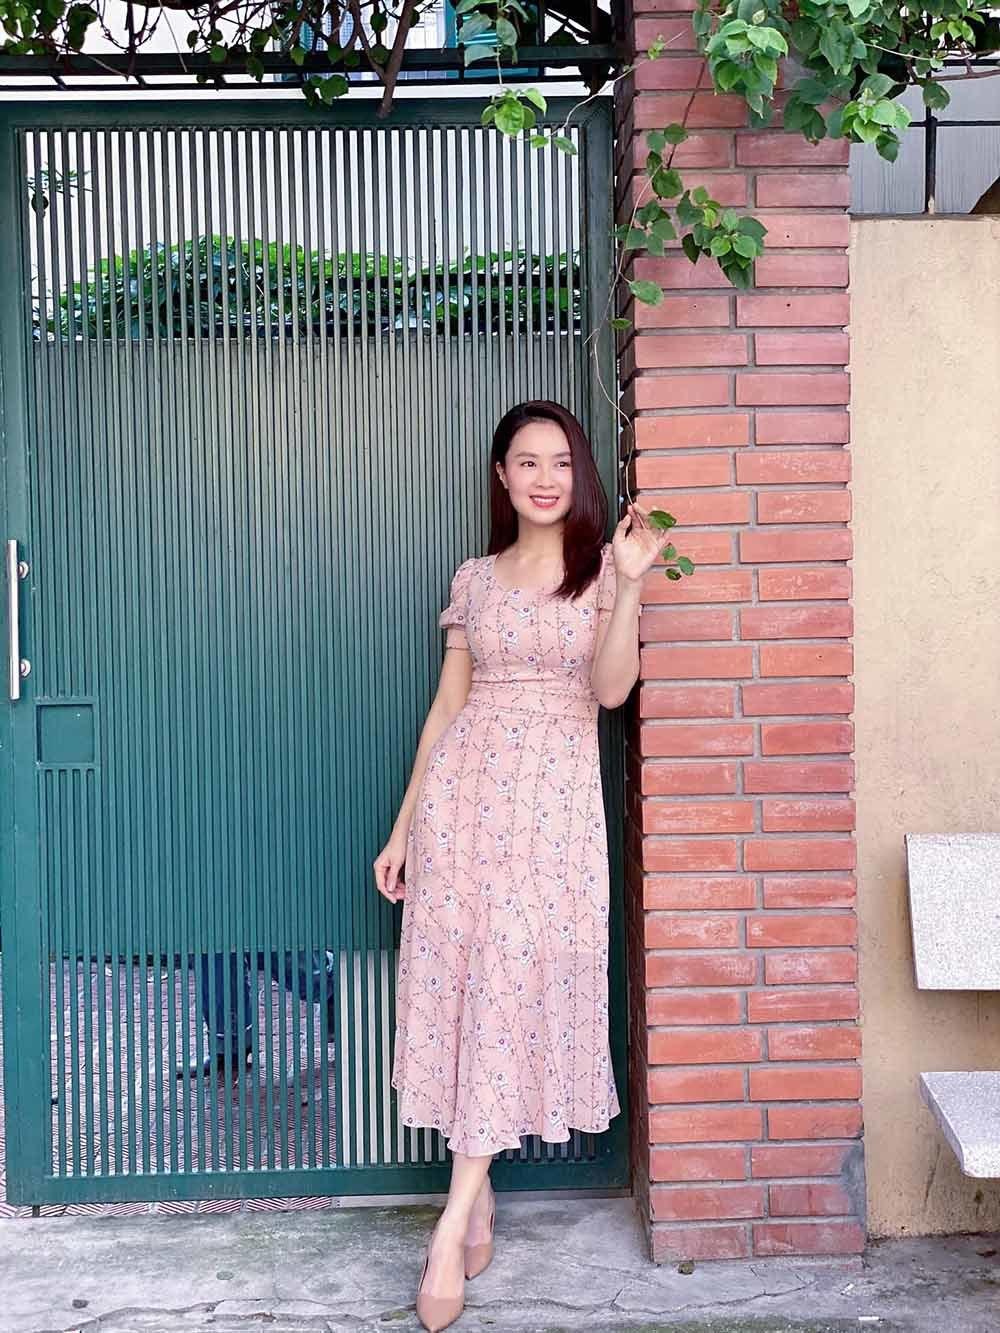 Hoa hậu Đặng Thu Thảo chăm chỉ vào bếp dù sắp đến ngày sinh con